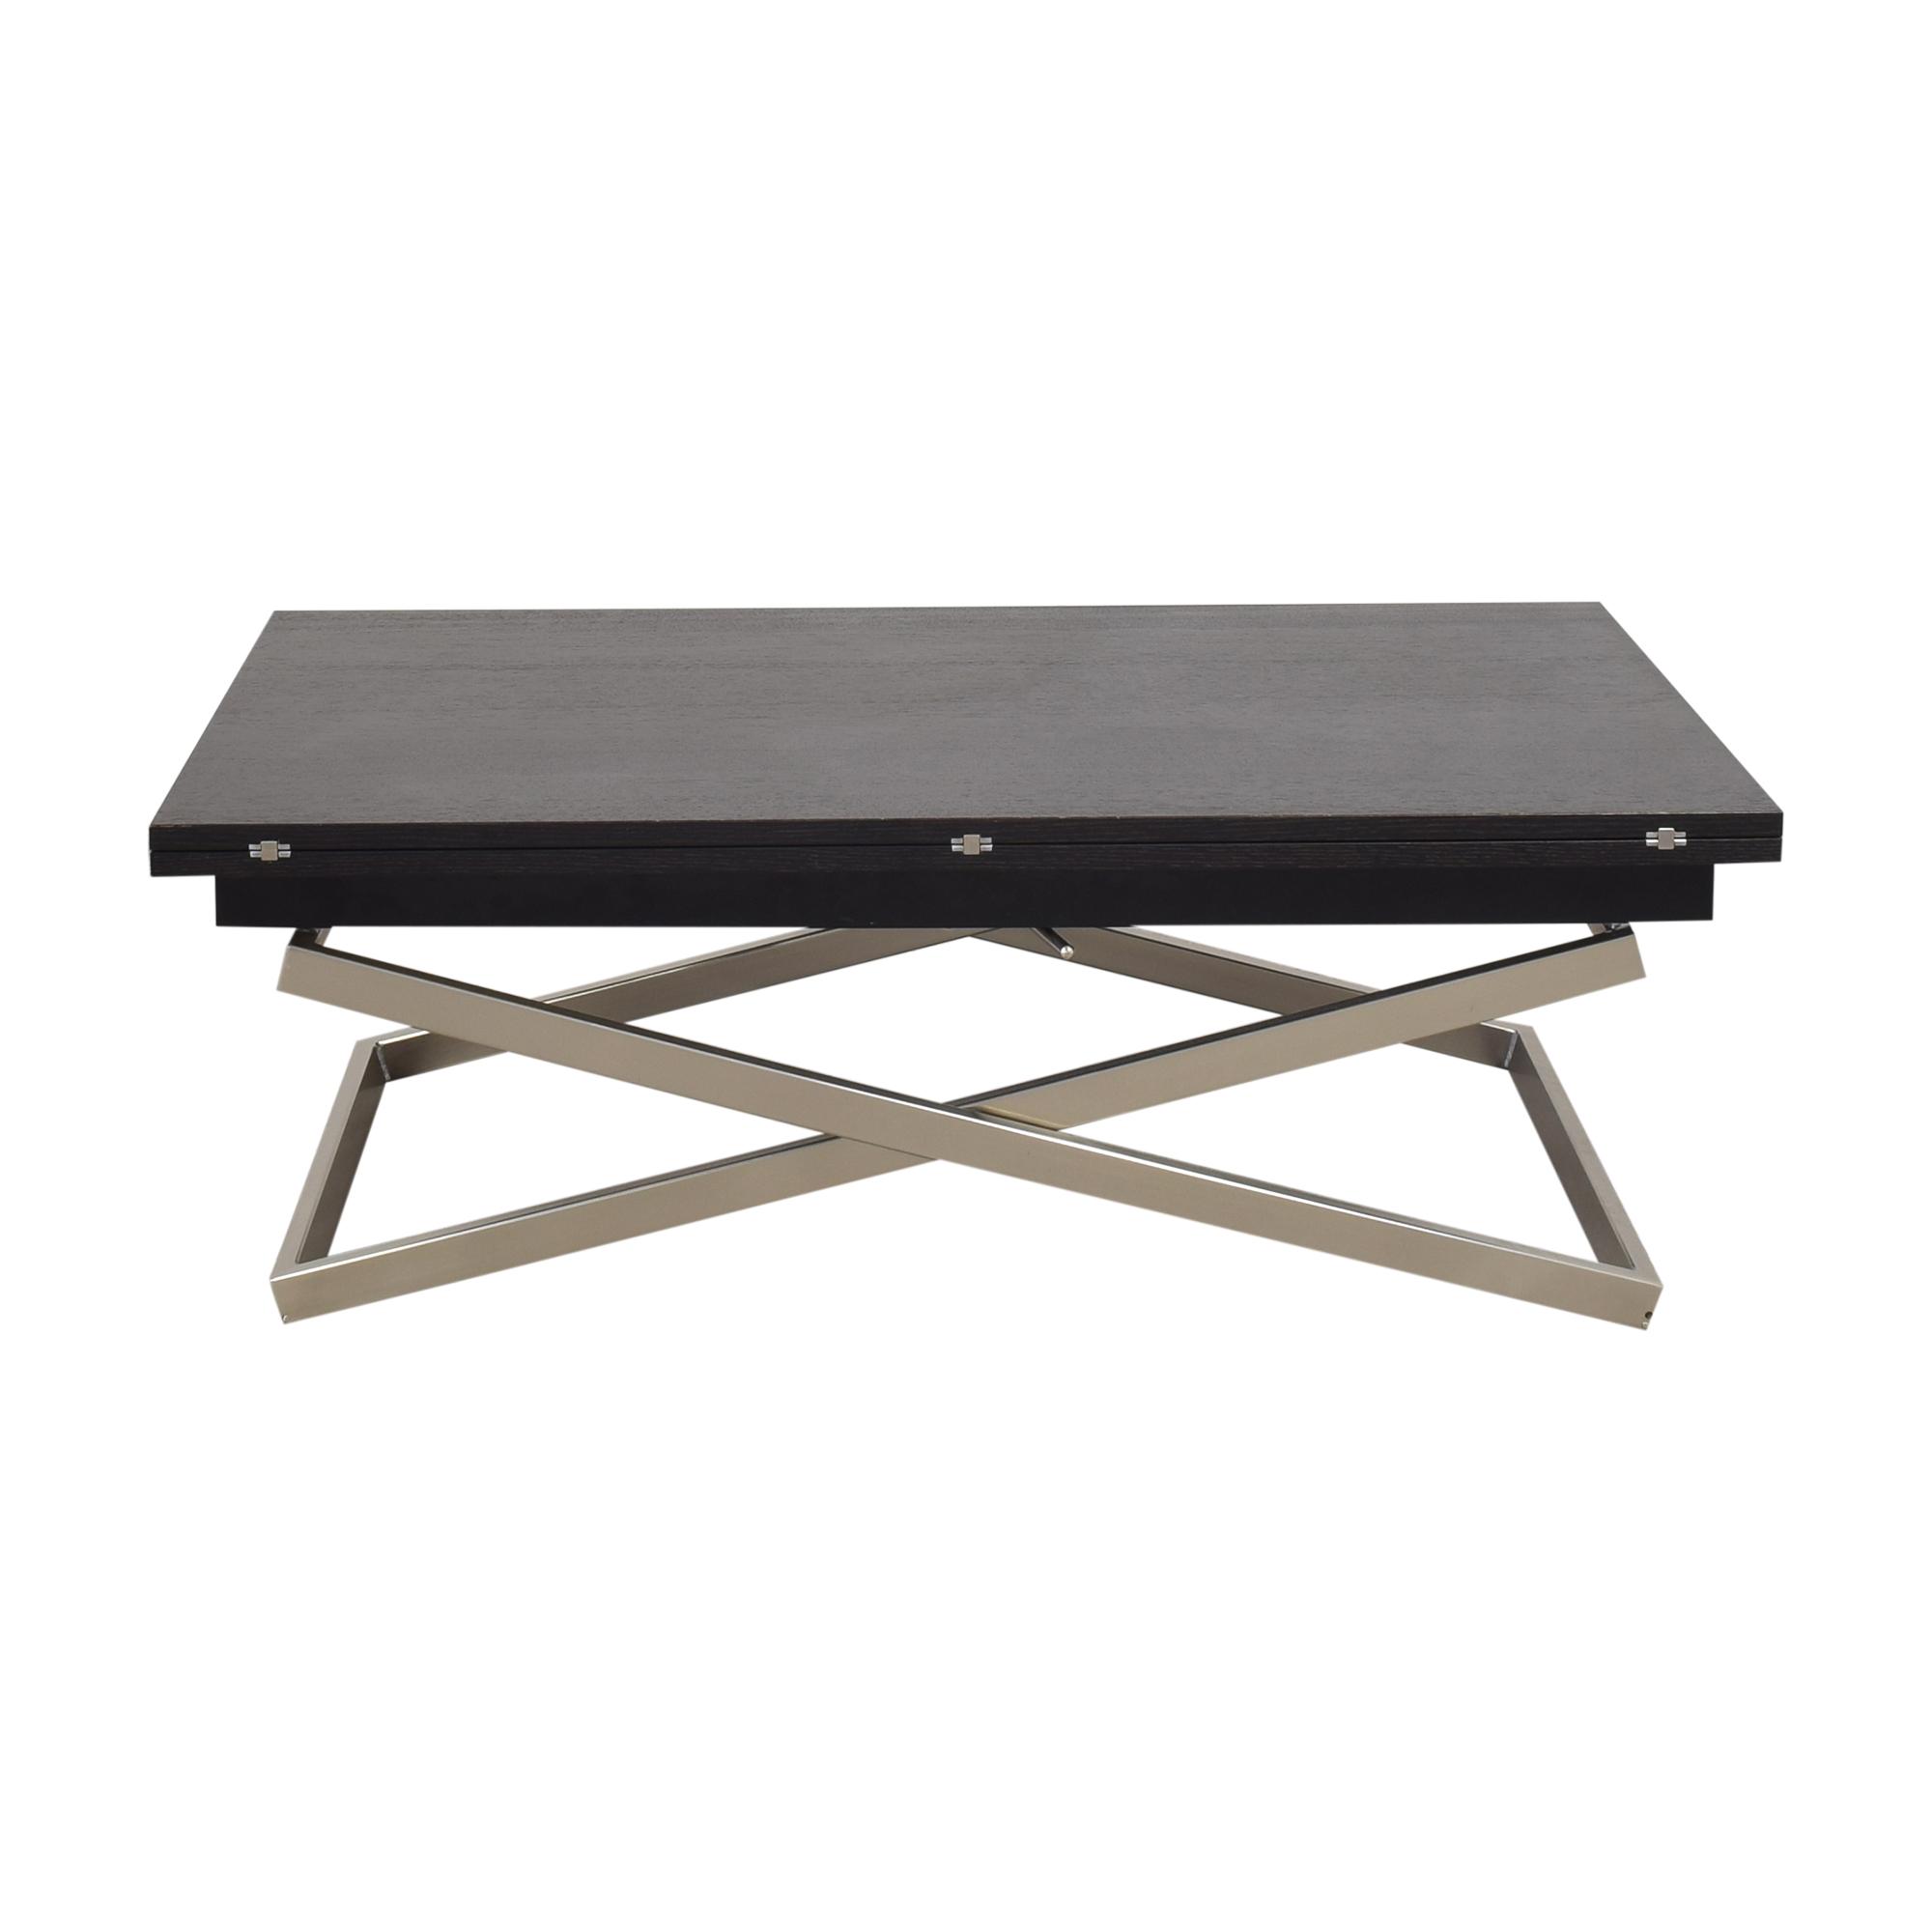 BoConcept BoConcept Rubi Adjustable Table on sale